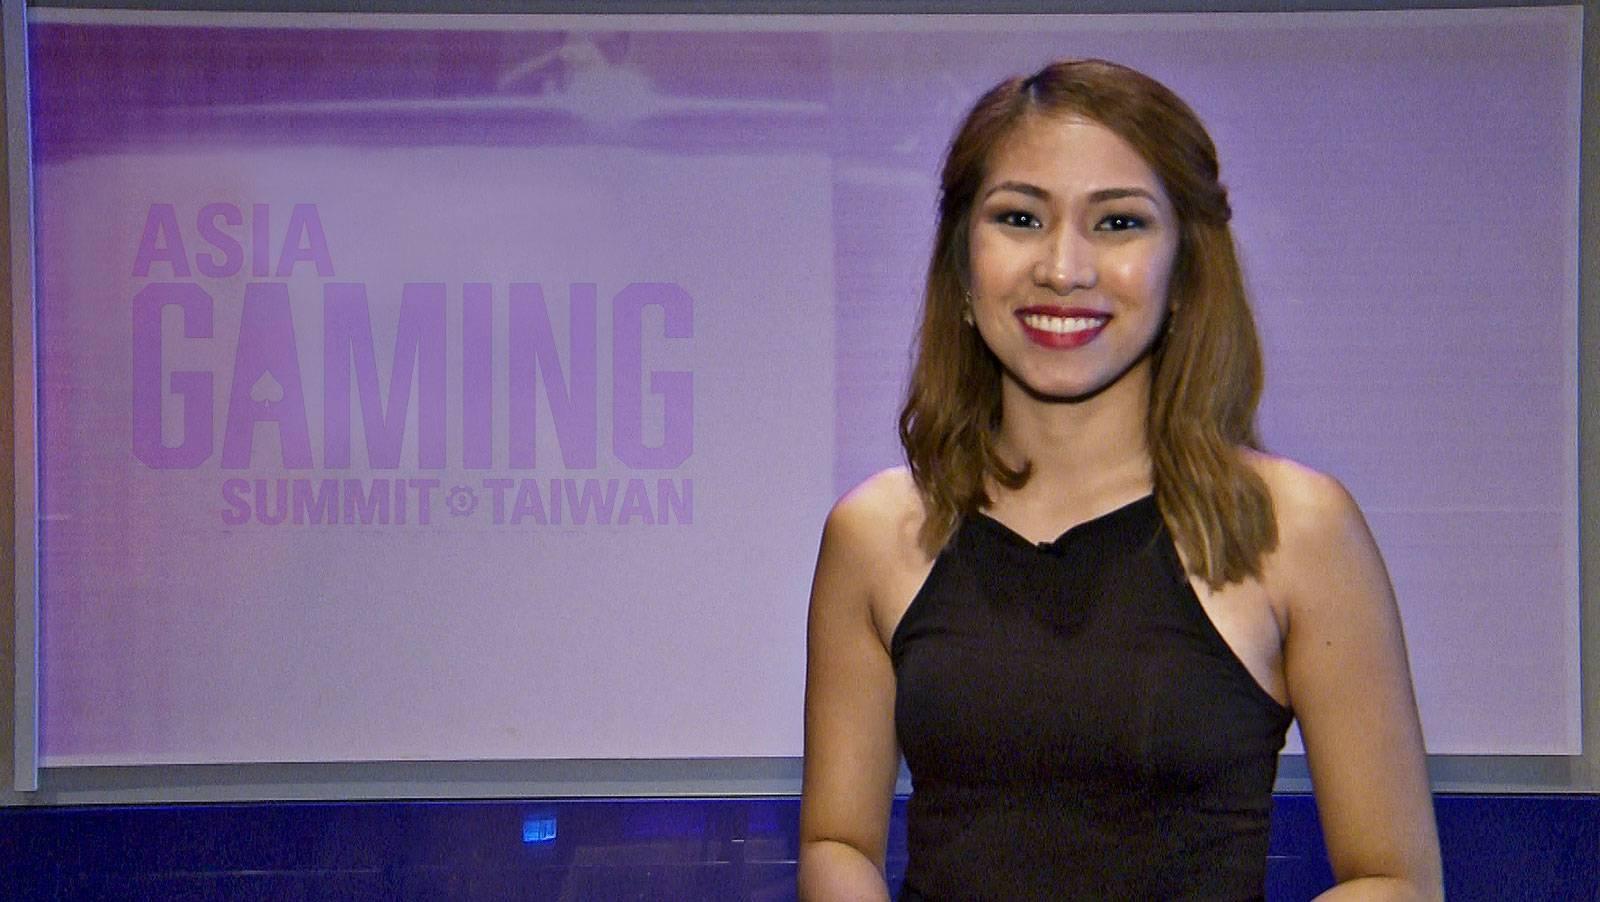 Asia Gaming Summit 2017 day 2 recap